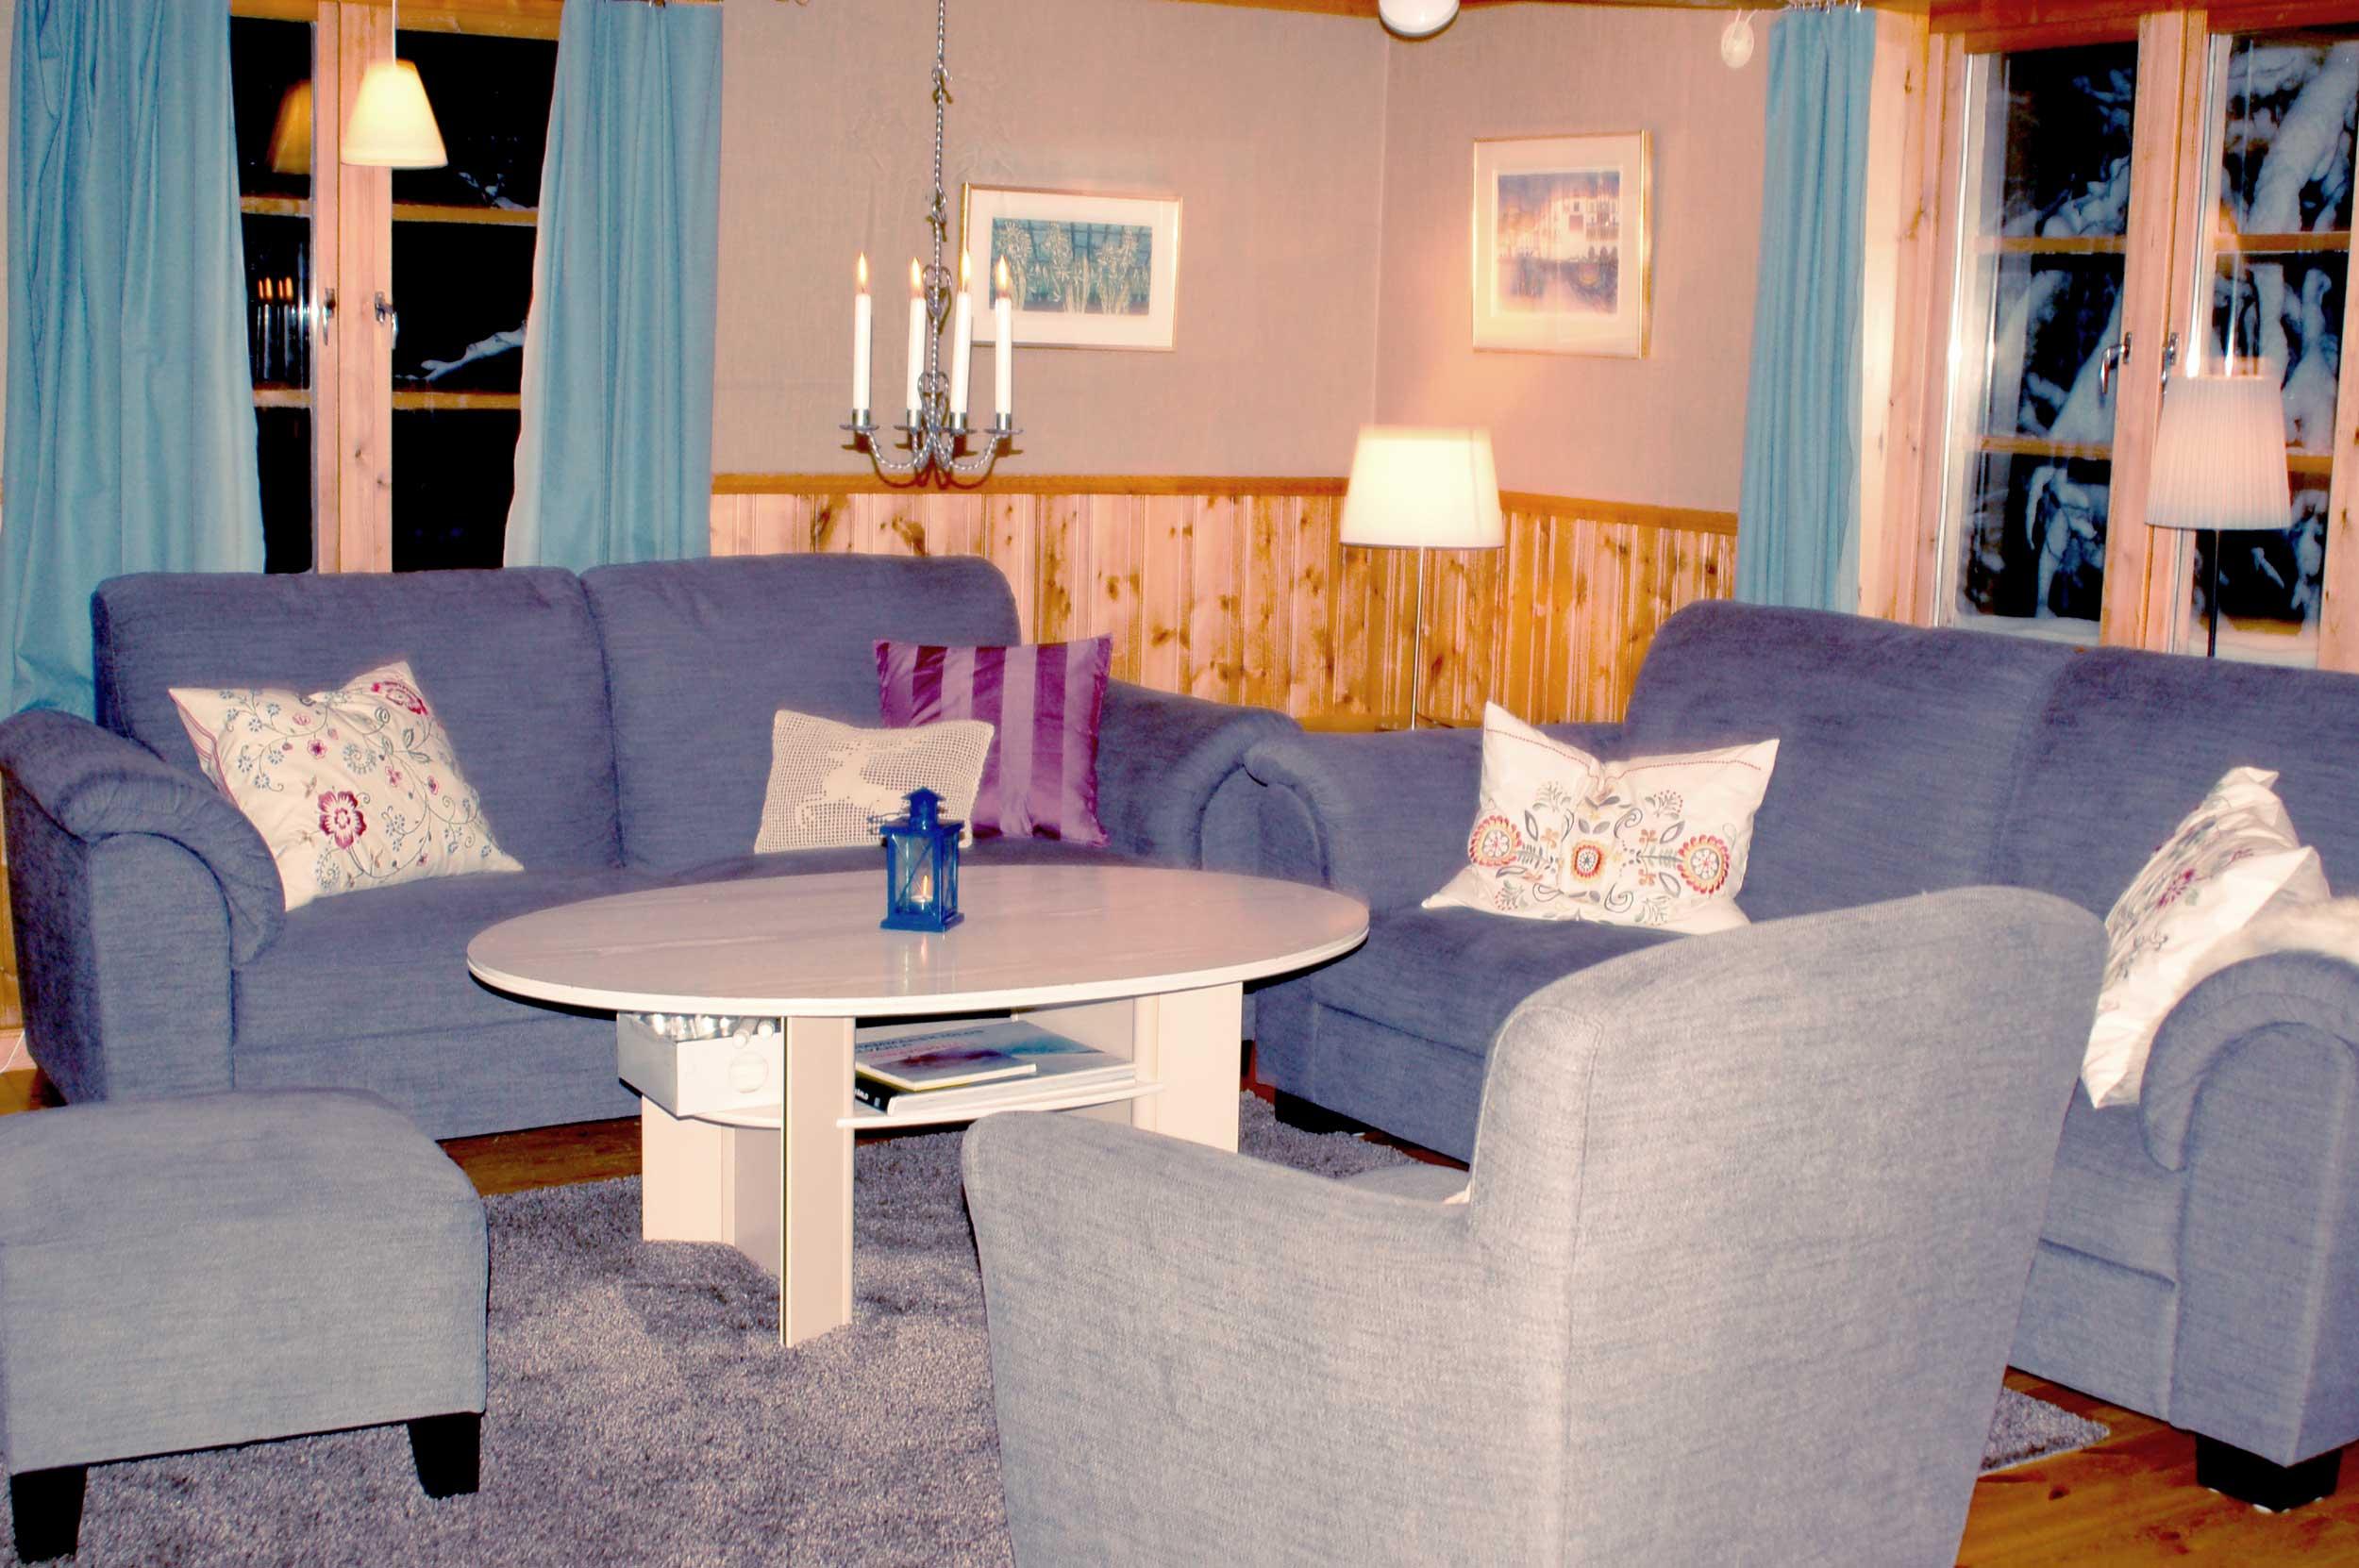 soffa-ny-maeles